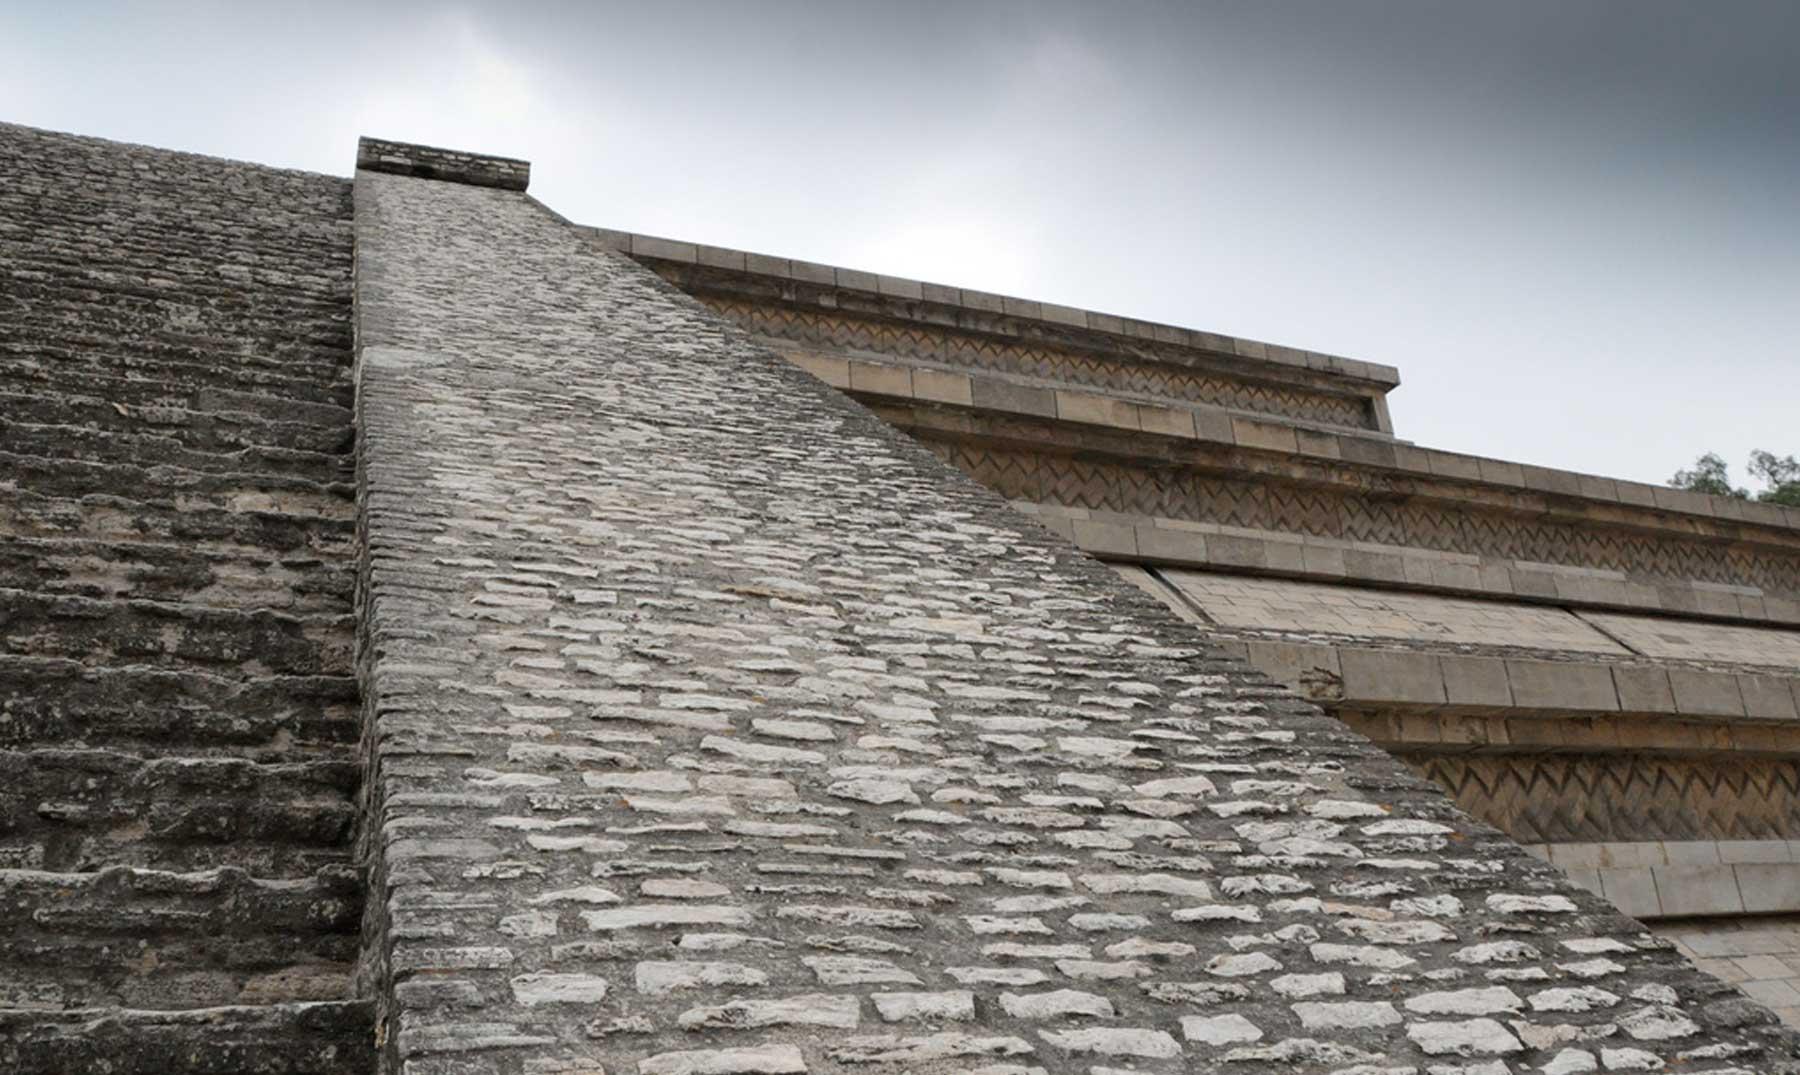 ¿Cuál es la pirámide más grande del mundo? ¡No es egipcia!